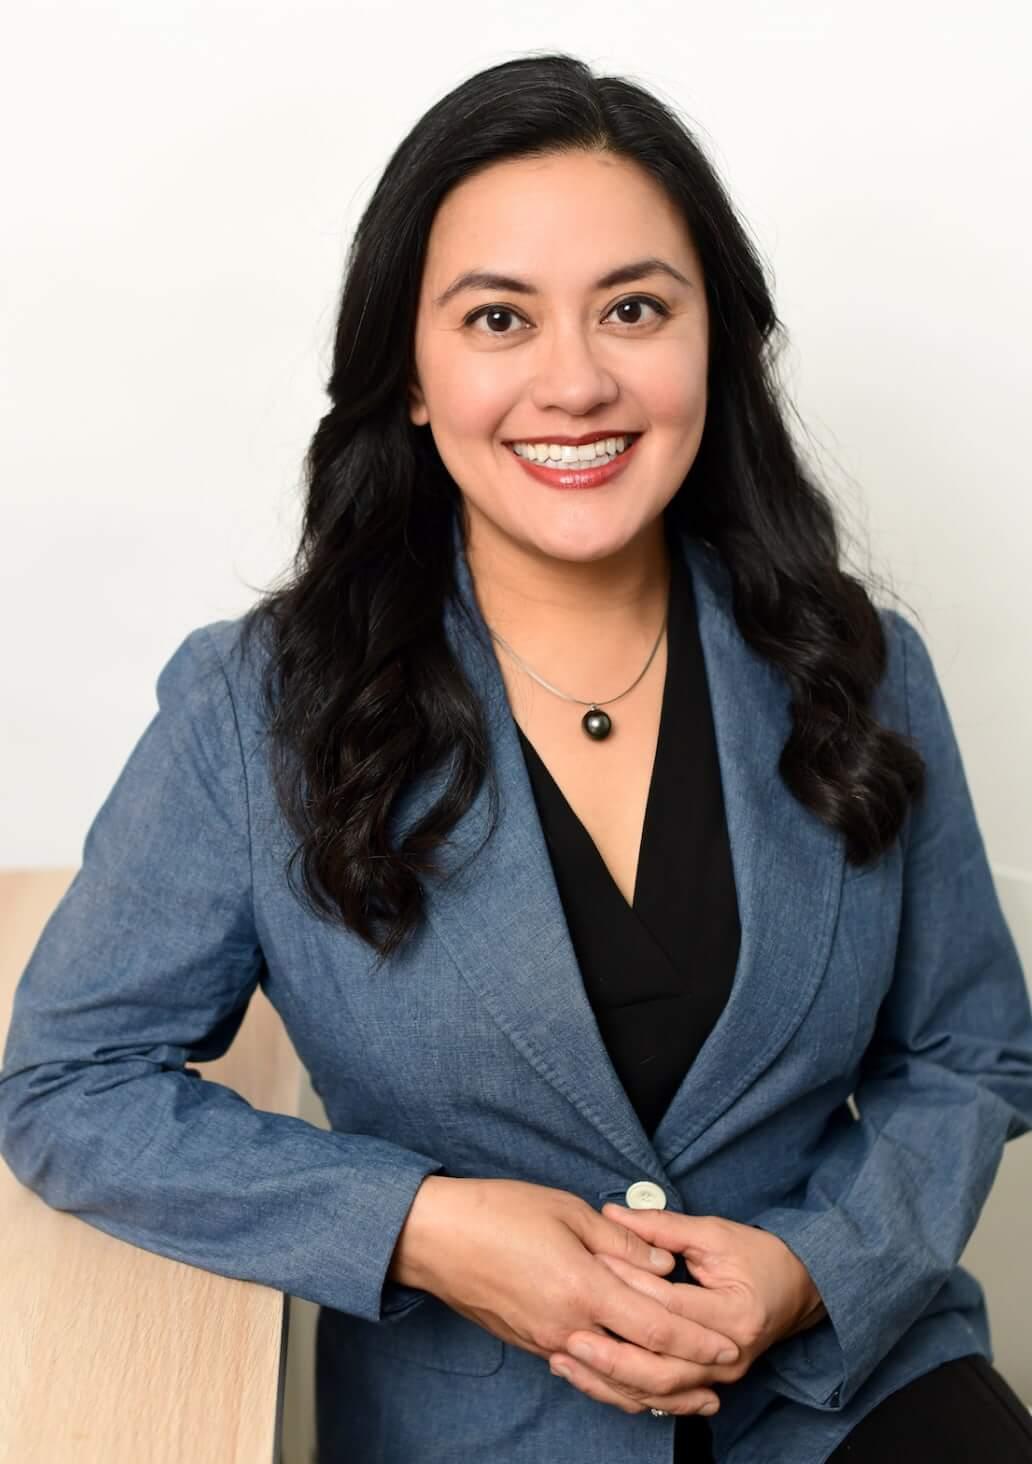 Mandy Tuong